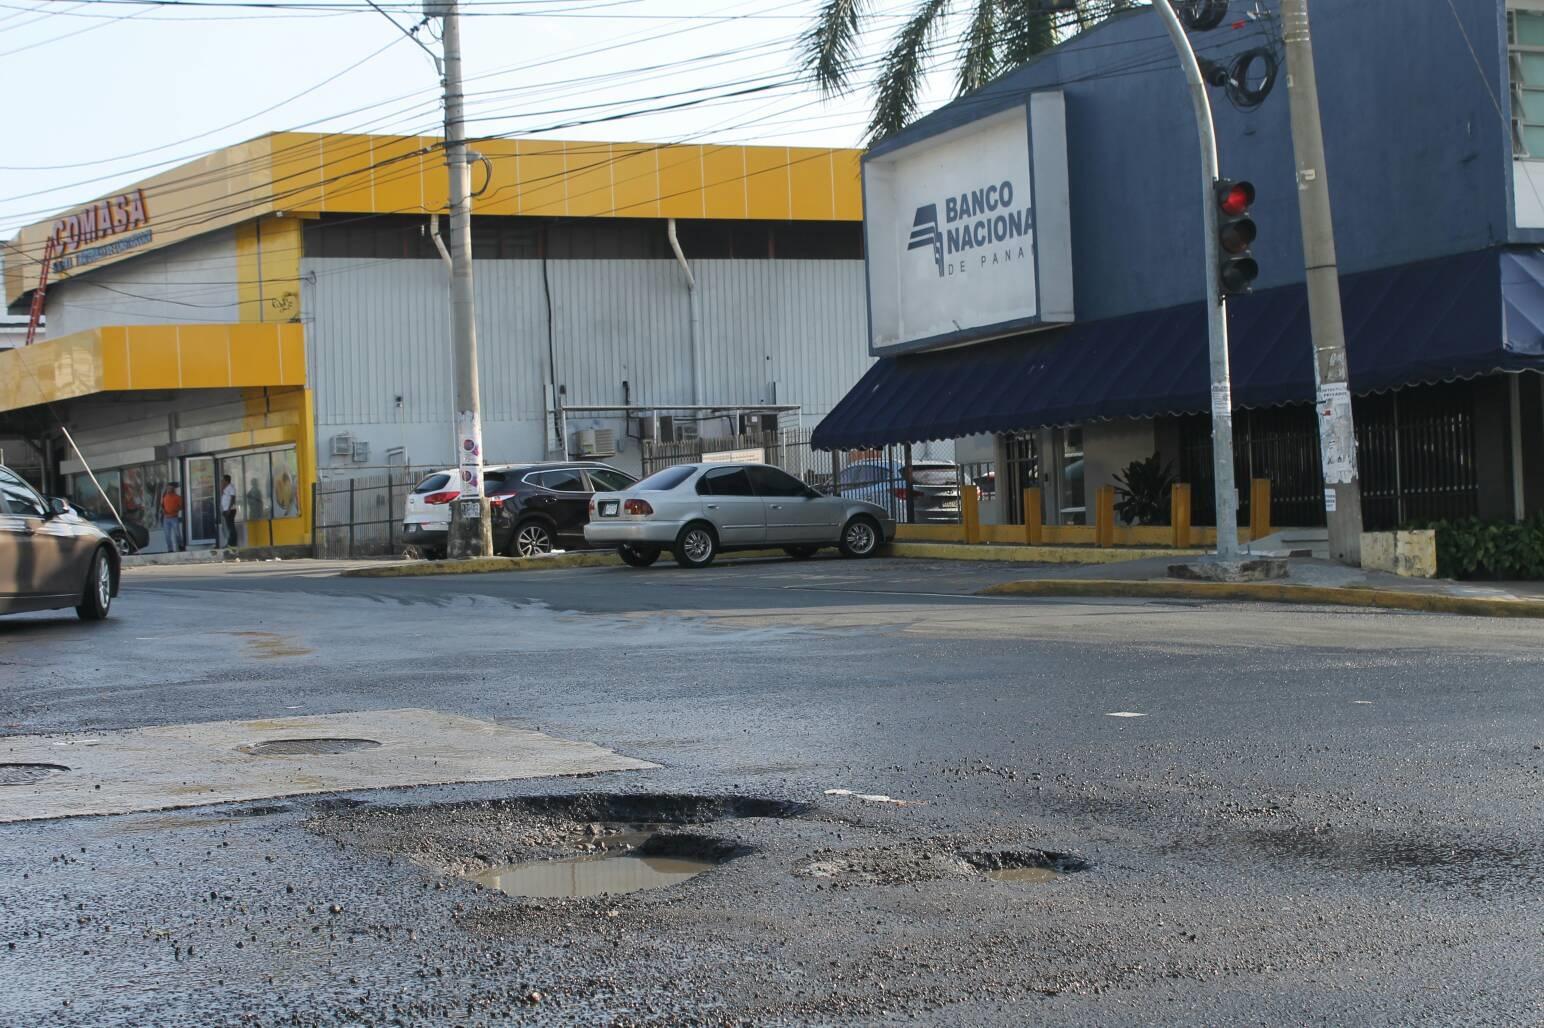 Filtración en intersección de Calle 50 con vía Porras fue reportada por primera vez en el mes de noviembre en las redes de San Francisco News.